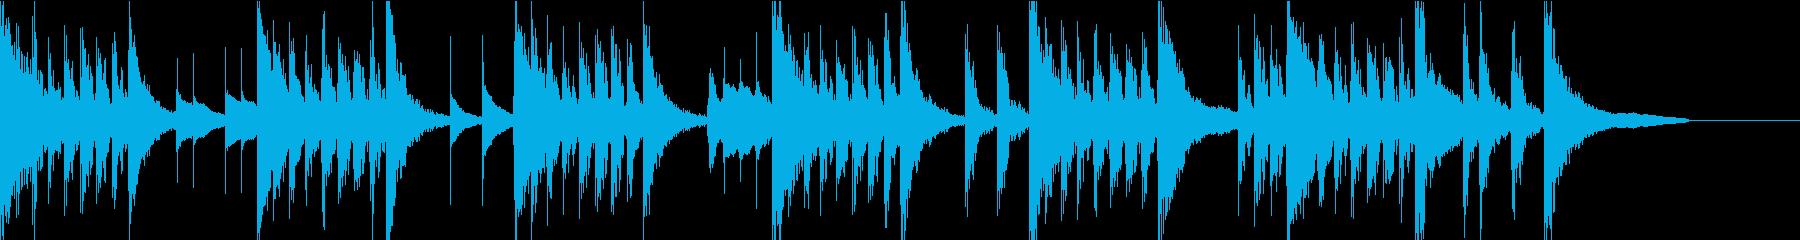 森ほのぼのかわいい・マリンバ/ジングル3の再生済みの波形